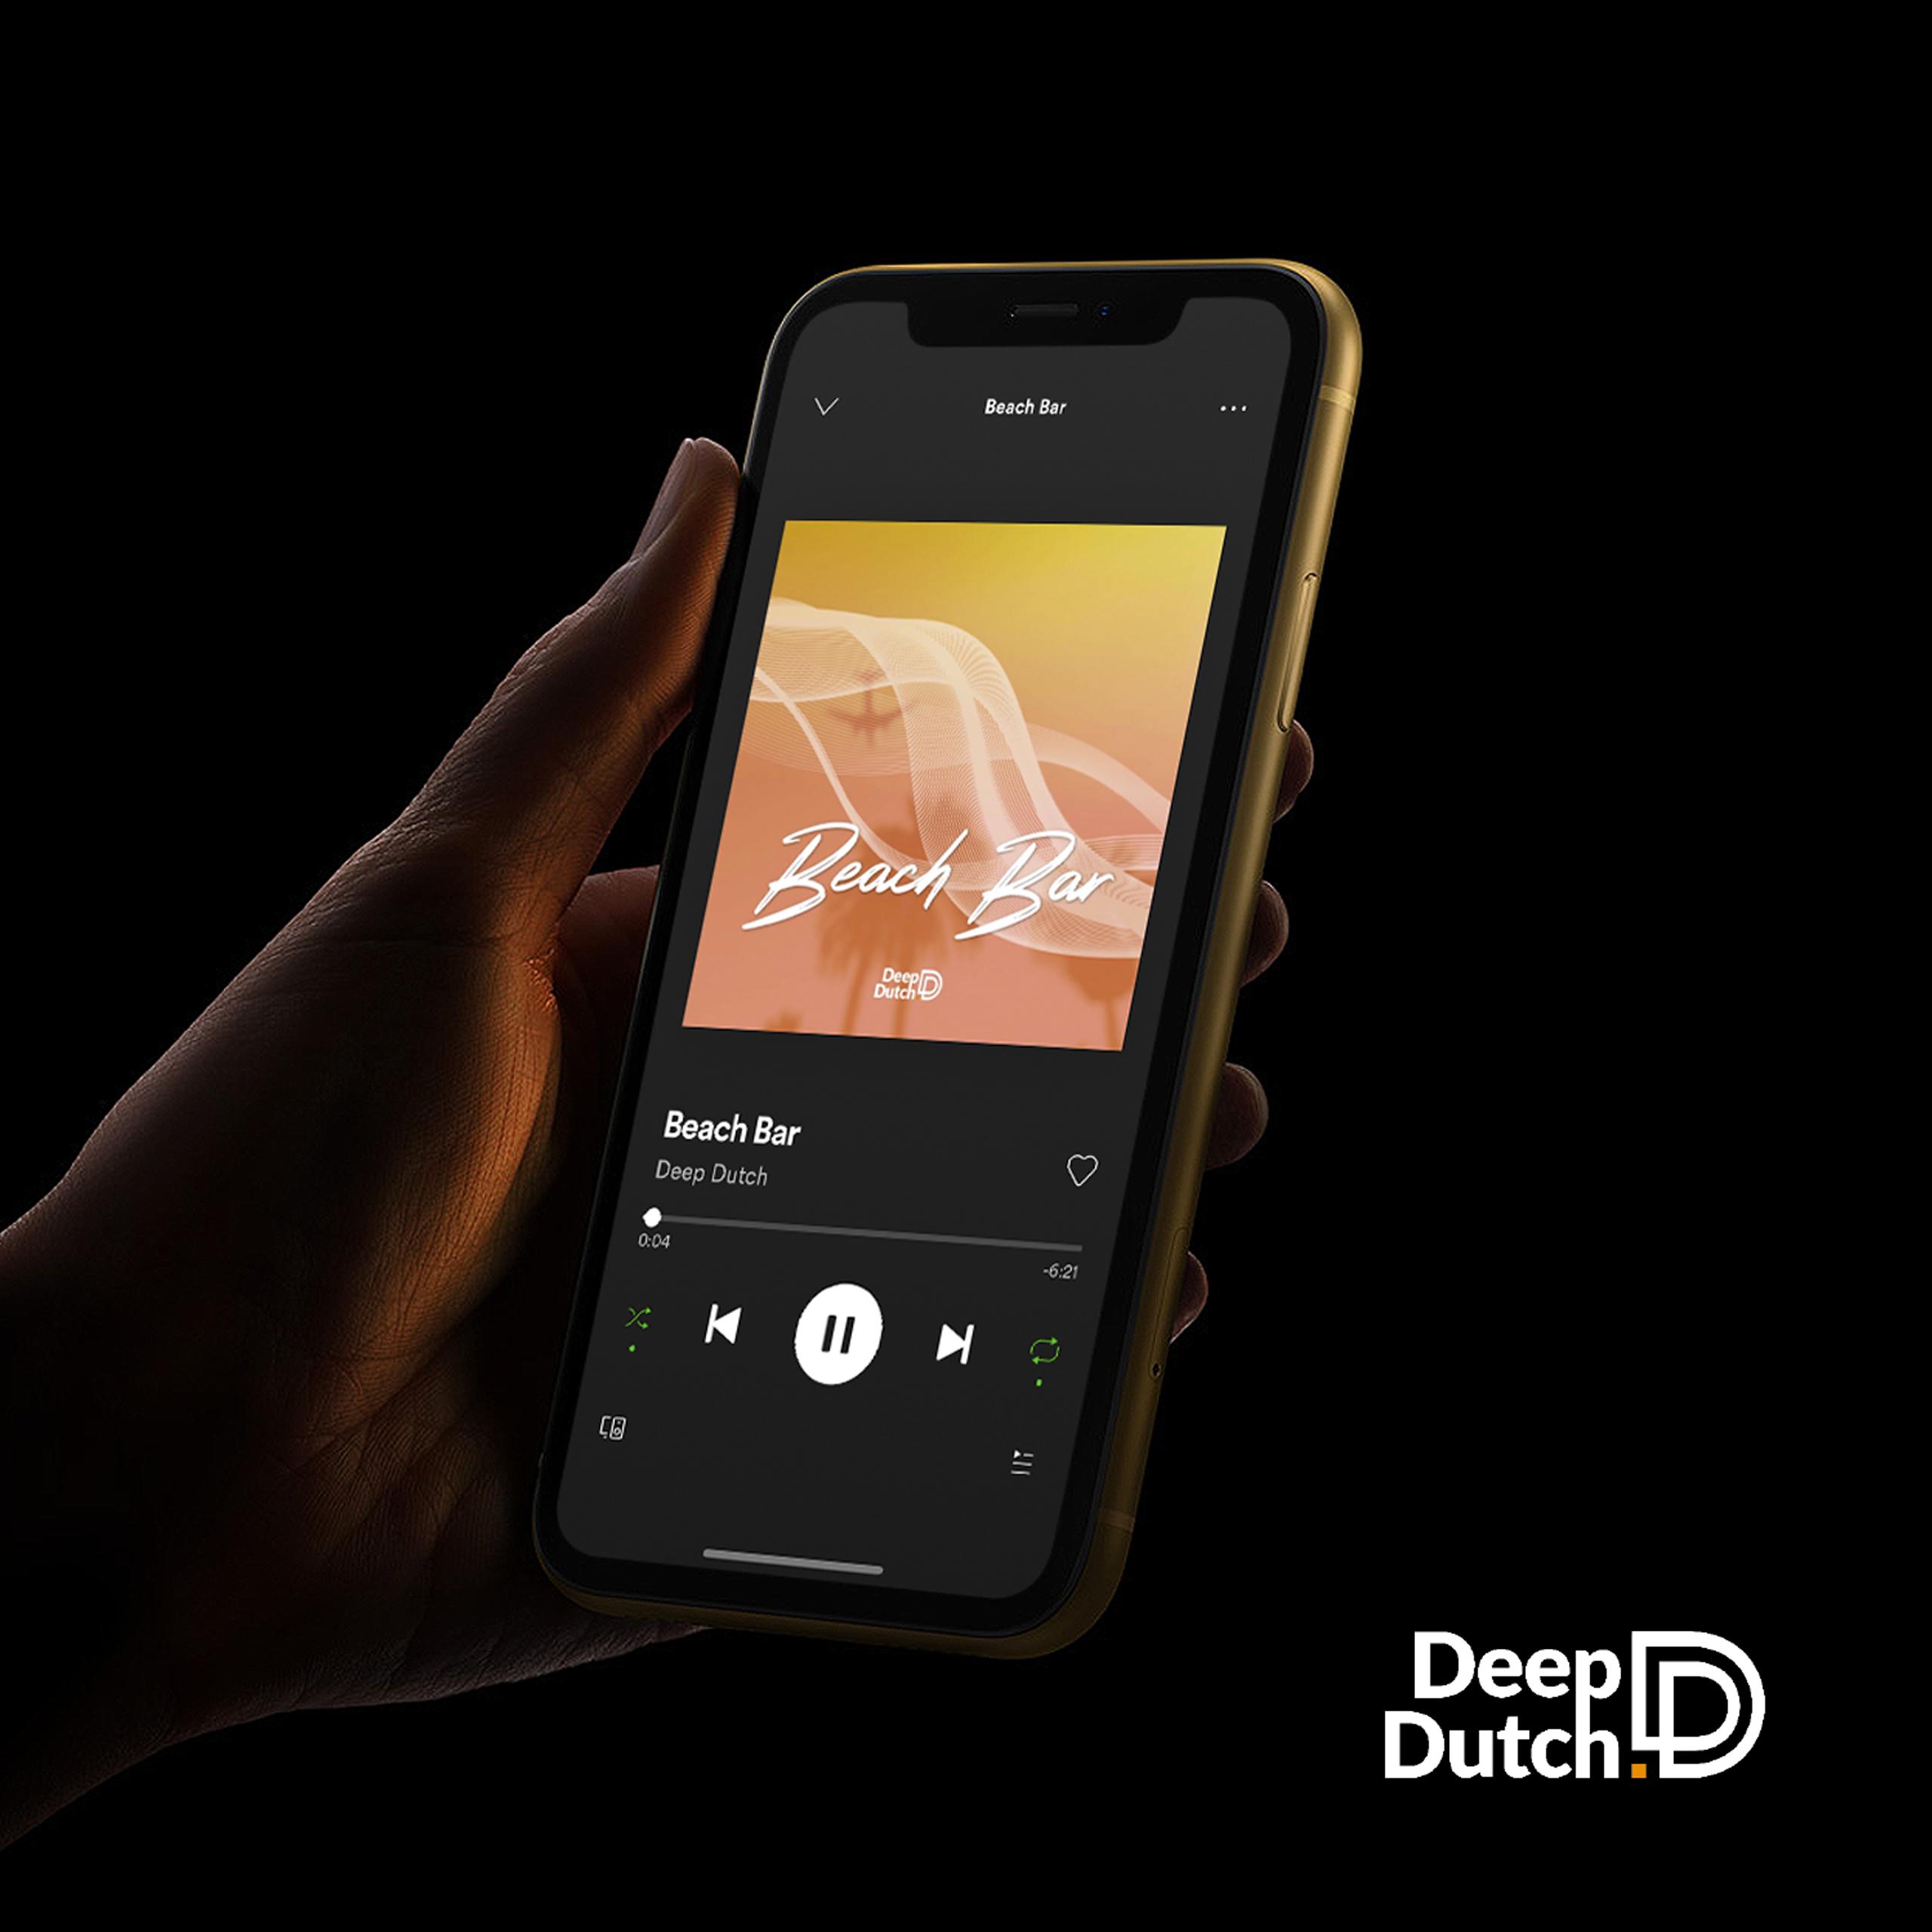 Deep Dutch